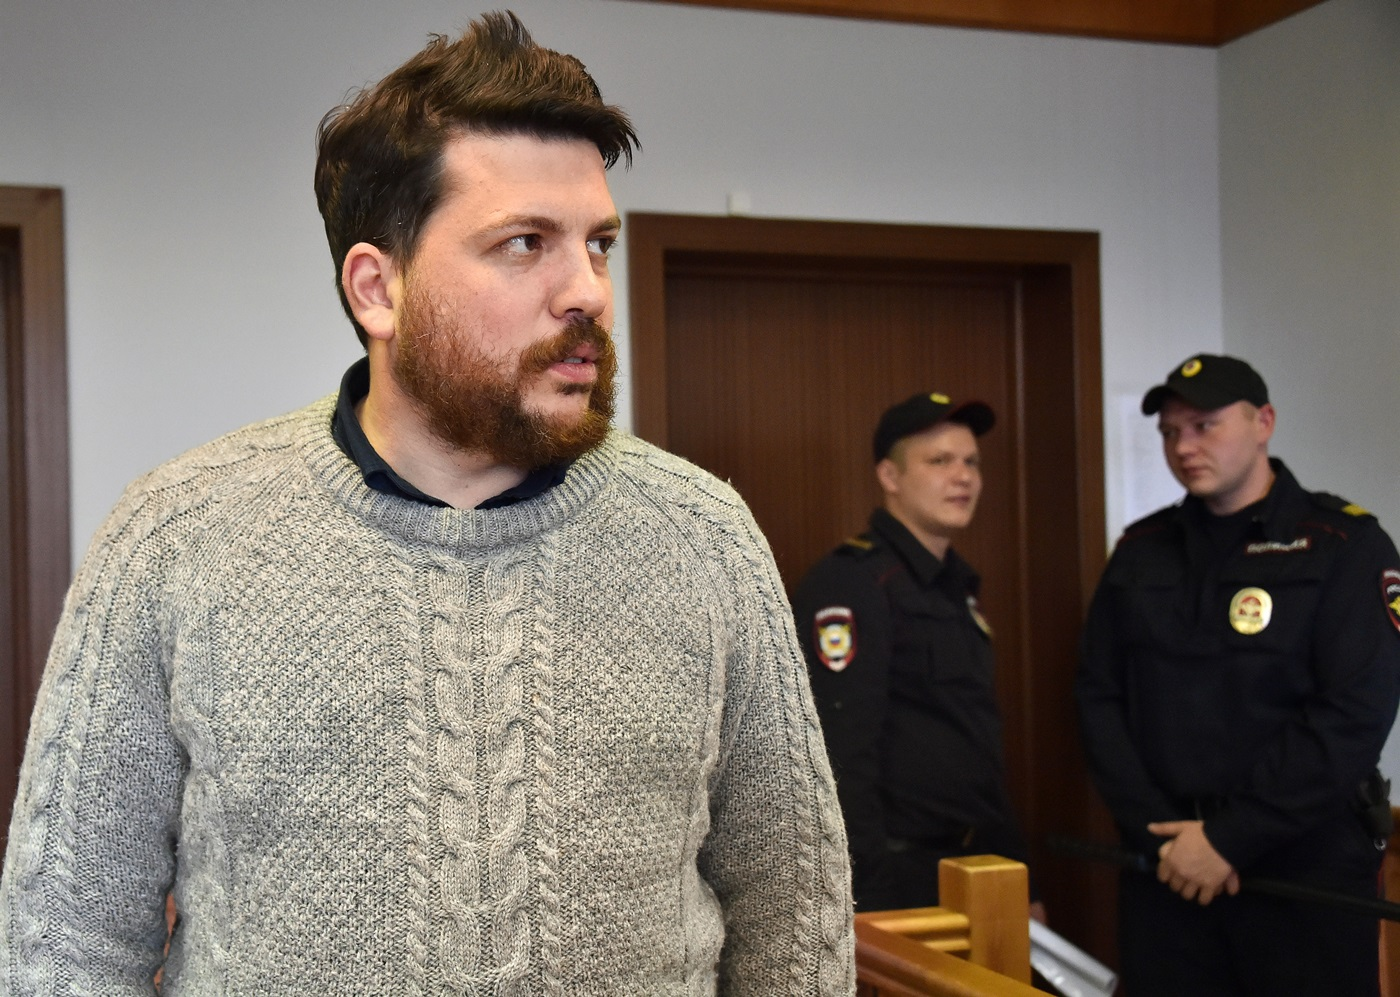 Биткоин-кошелек Навального пуст: Волков забрал все деньги